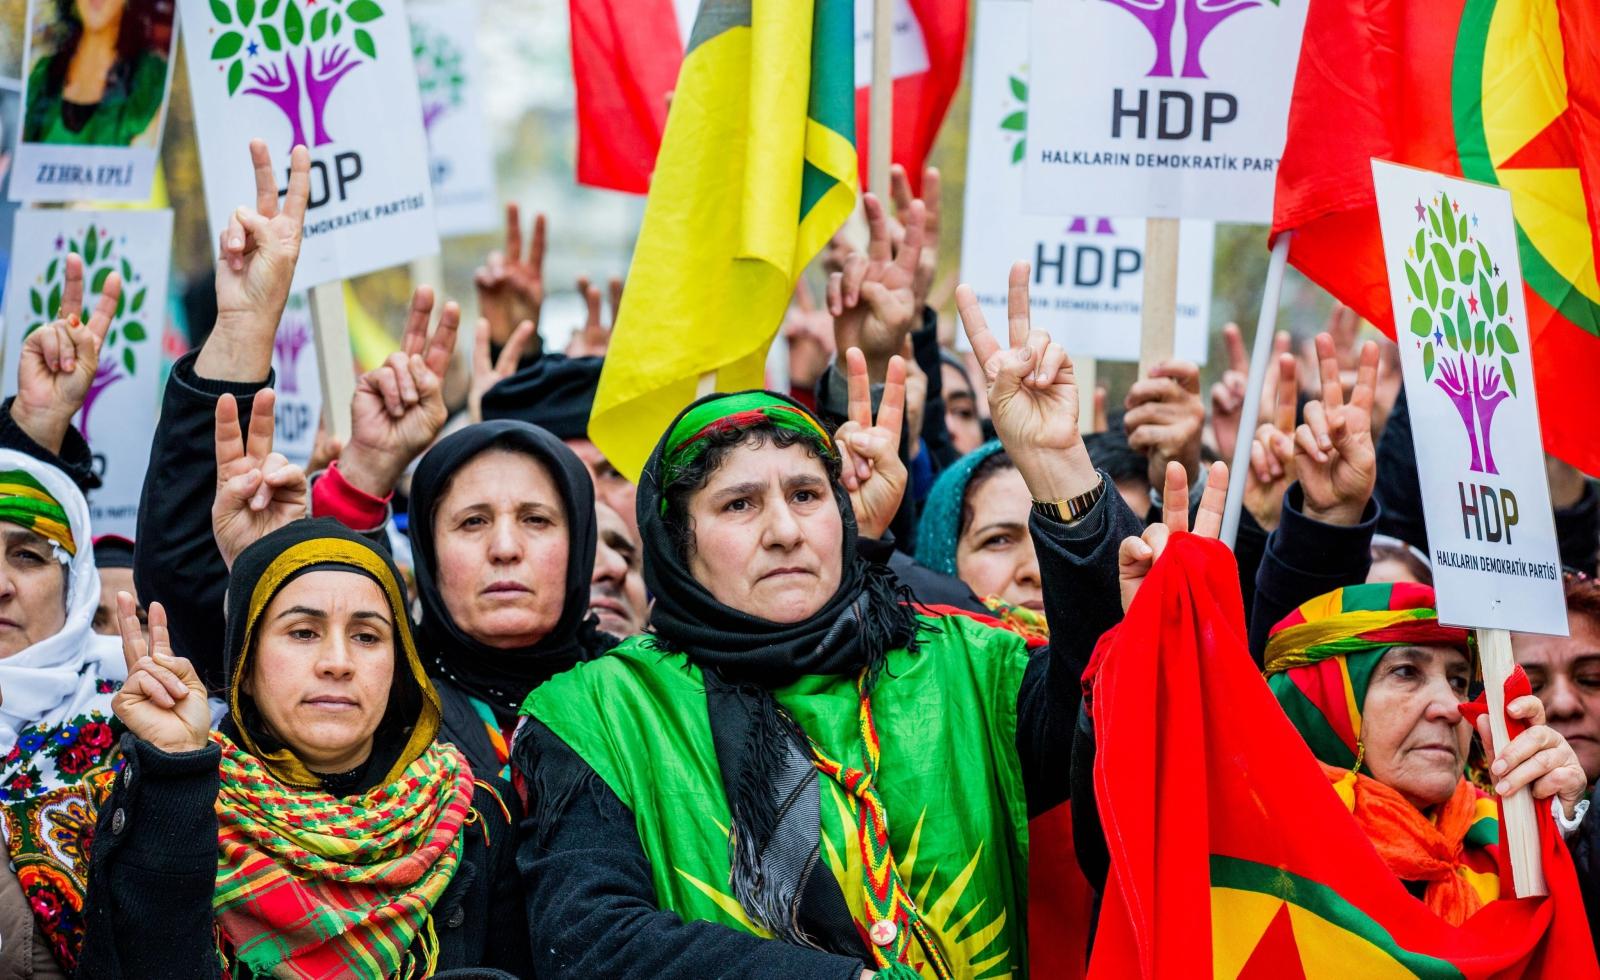 Kurdyjski protest w Belgii przeciwko tureckiemu rządowi w Brukseli. Fot.EPA/STEPHANIE LECOCQ